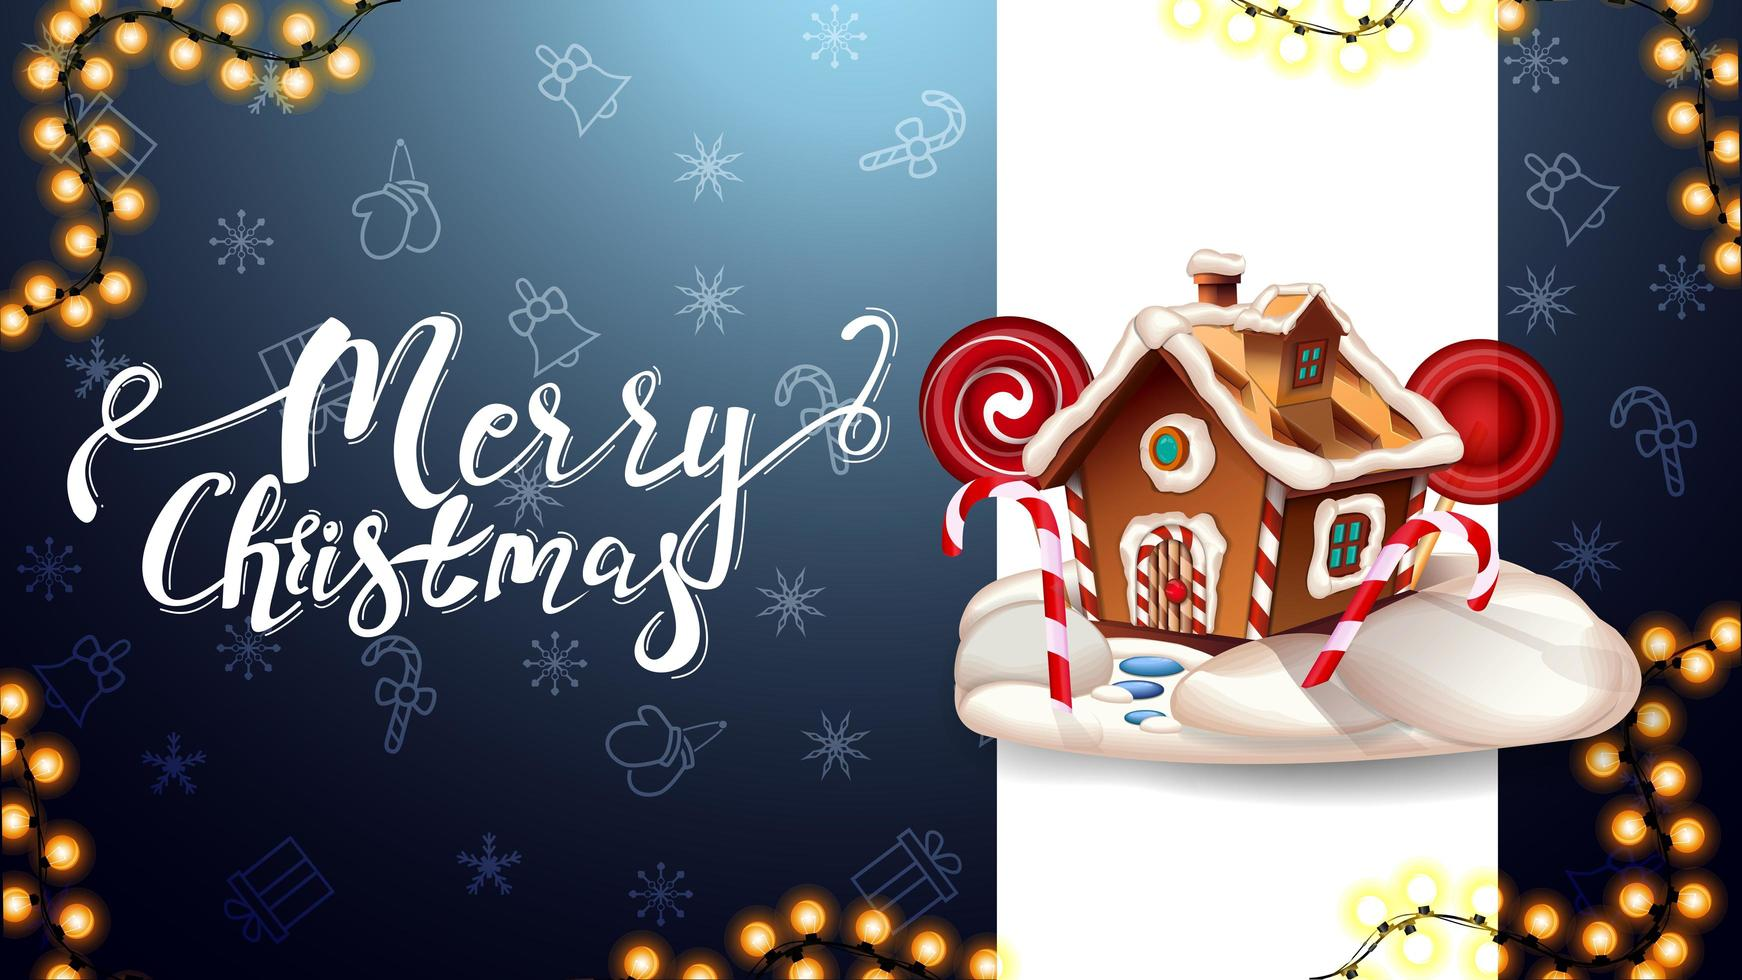 Joyeux Noël, carte postale bleue avec ligne blanche verticale, motif de Noël et maison en pain d'épice de Noël vecteur